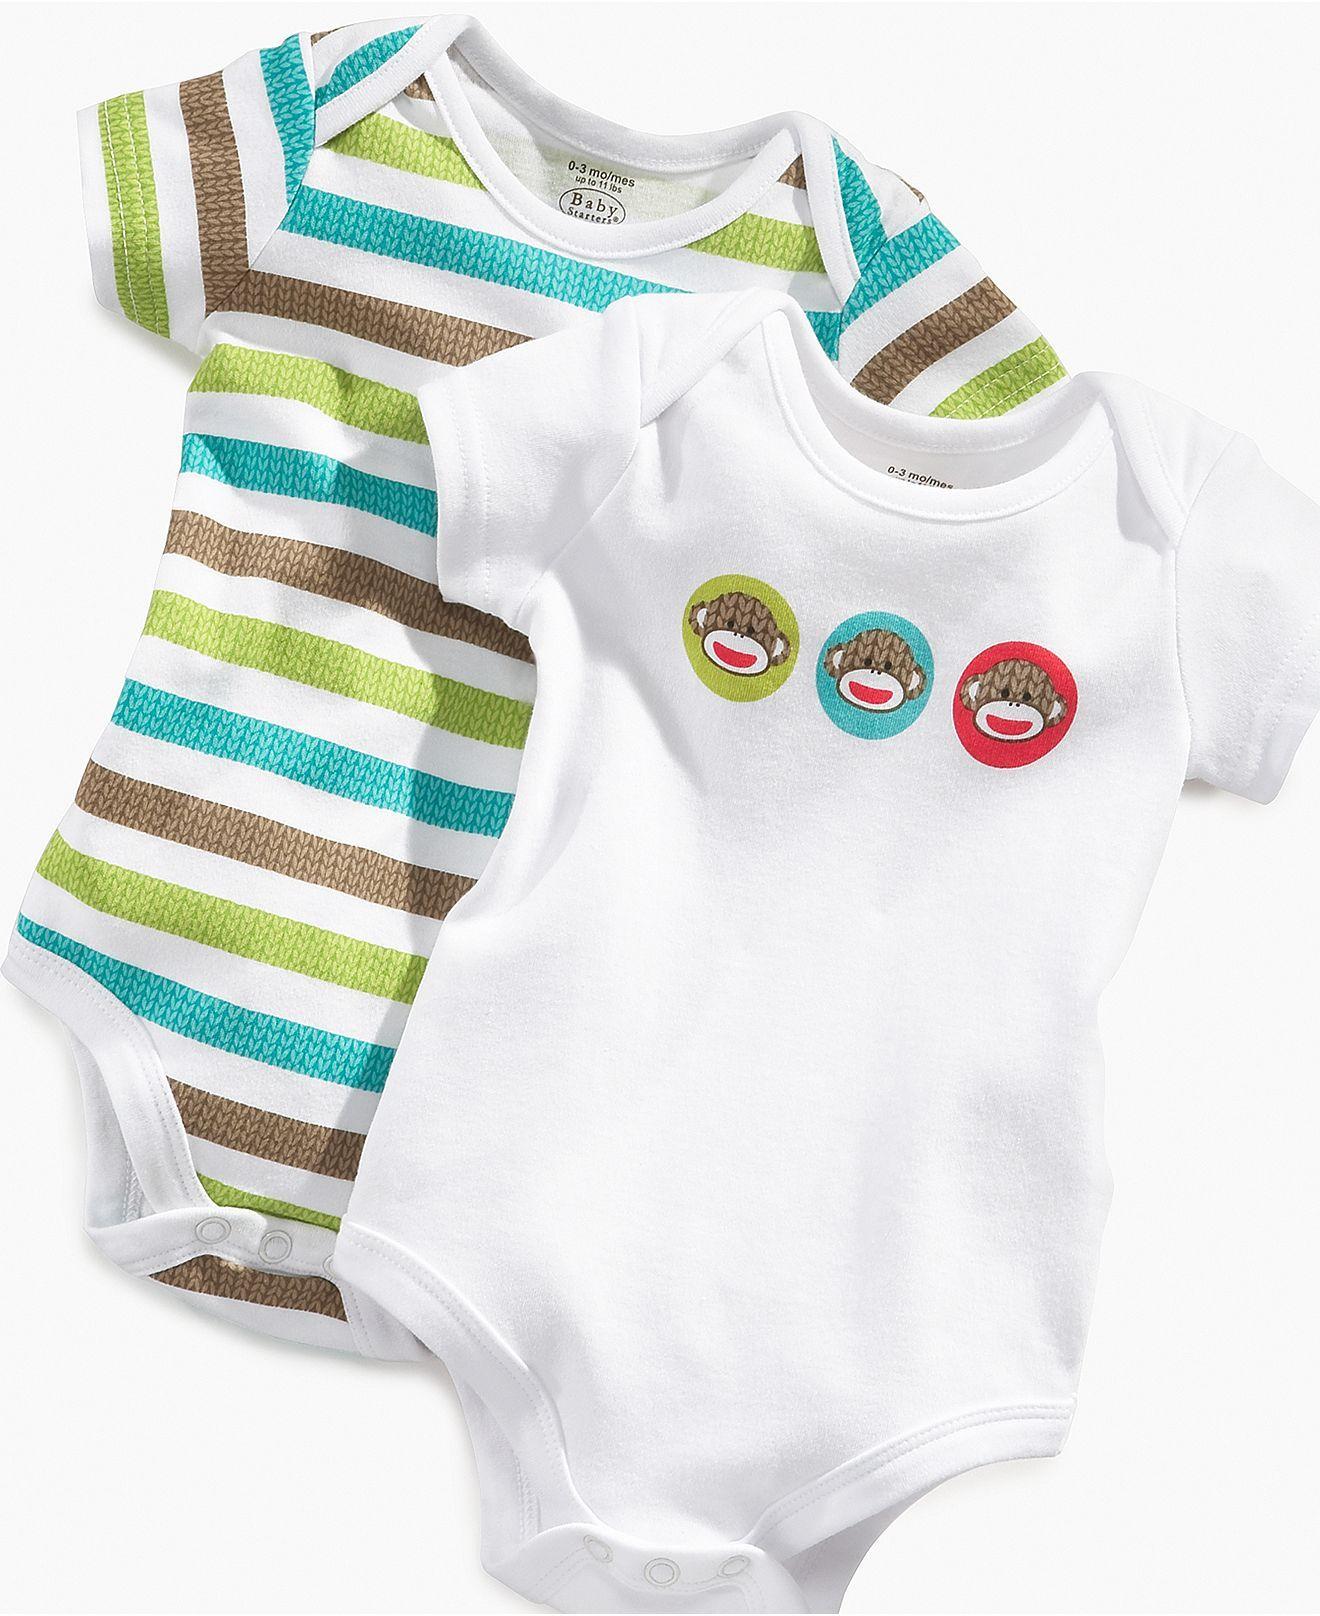 Macy s Sock Monkey Boys Bodysuits Boys cloths Pinterest